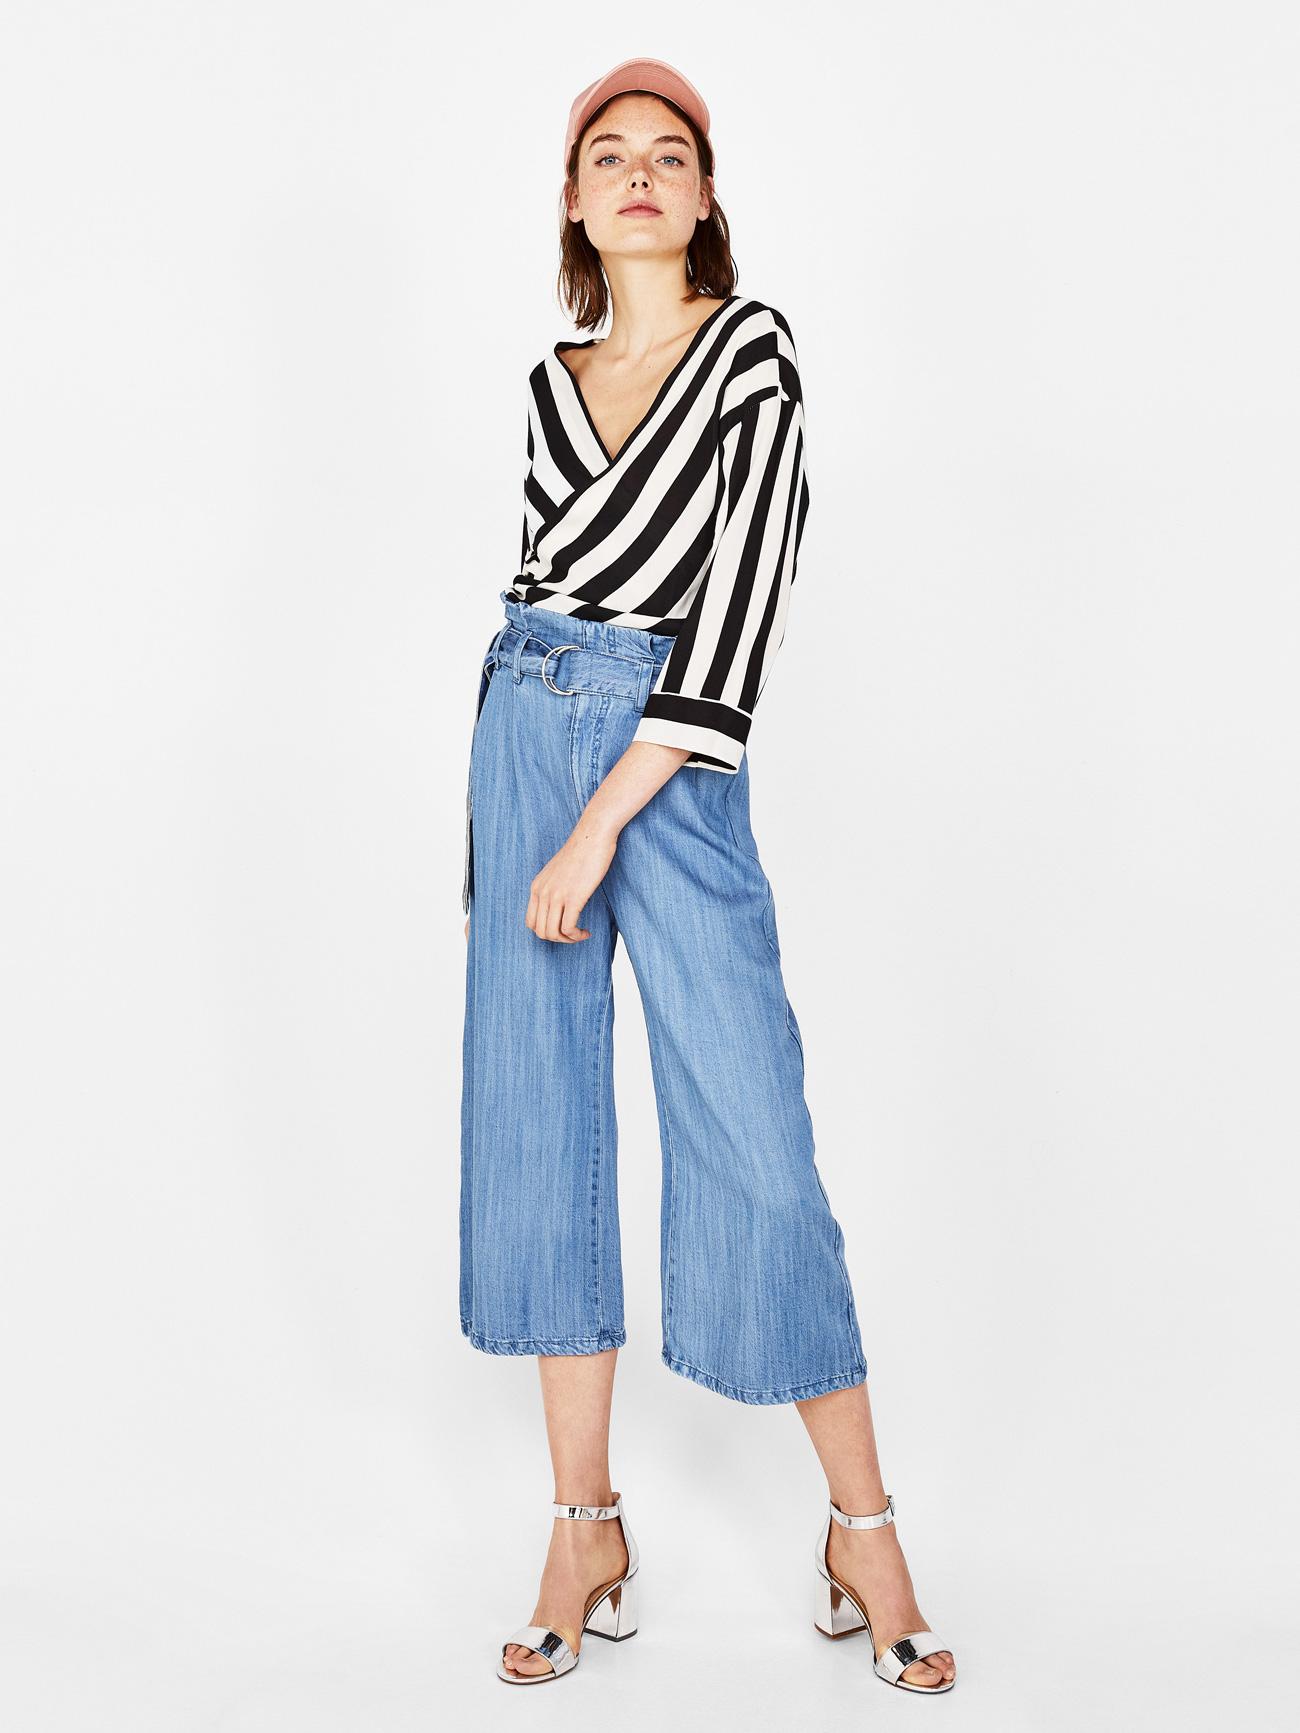 Модель в джинсовых кюлотах с завышенной талией